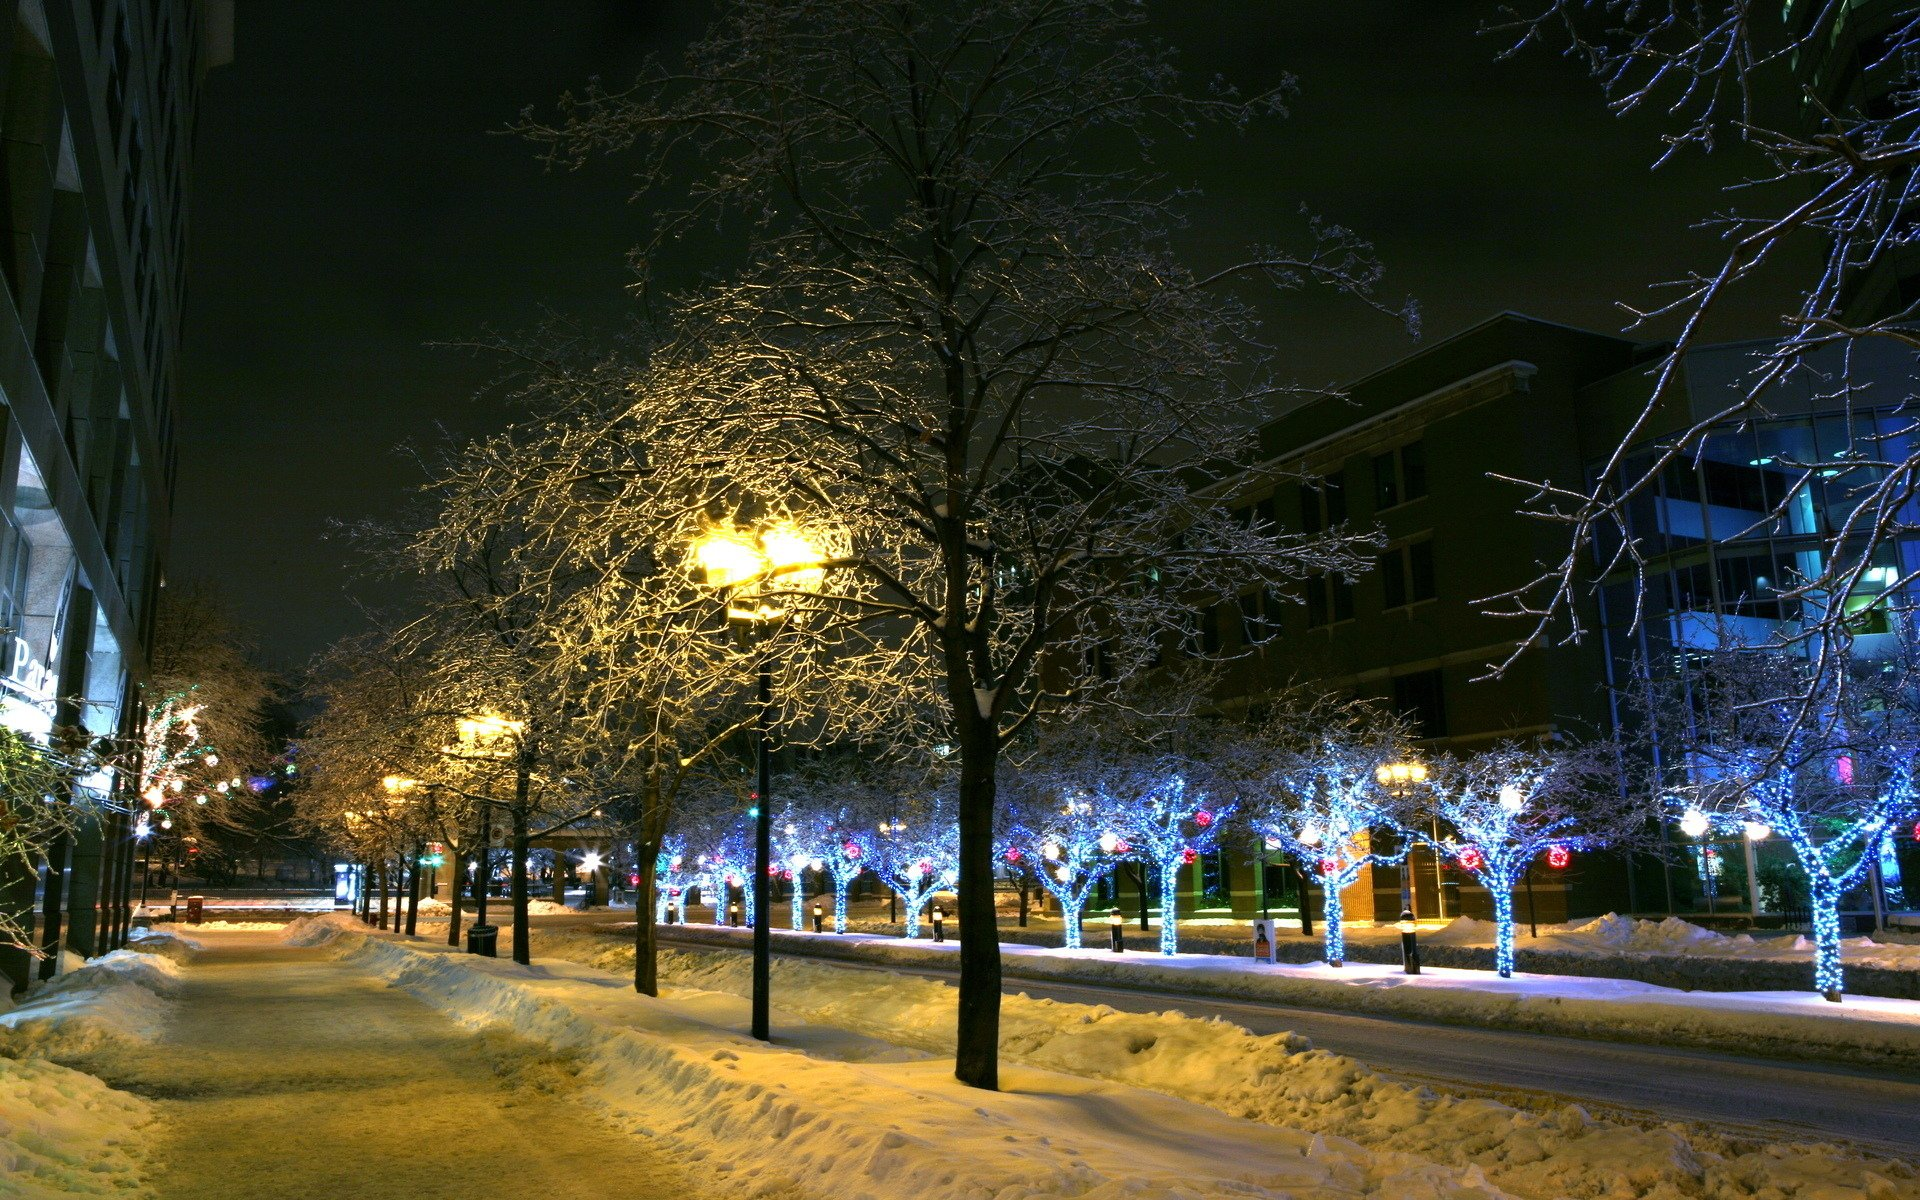 для картинки ночного зимнего города бизнеса